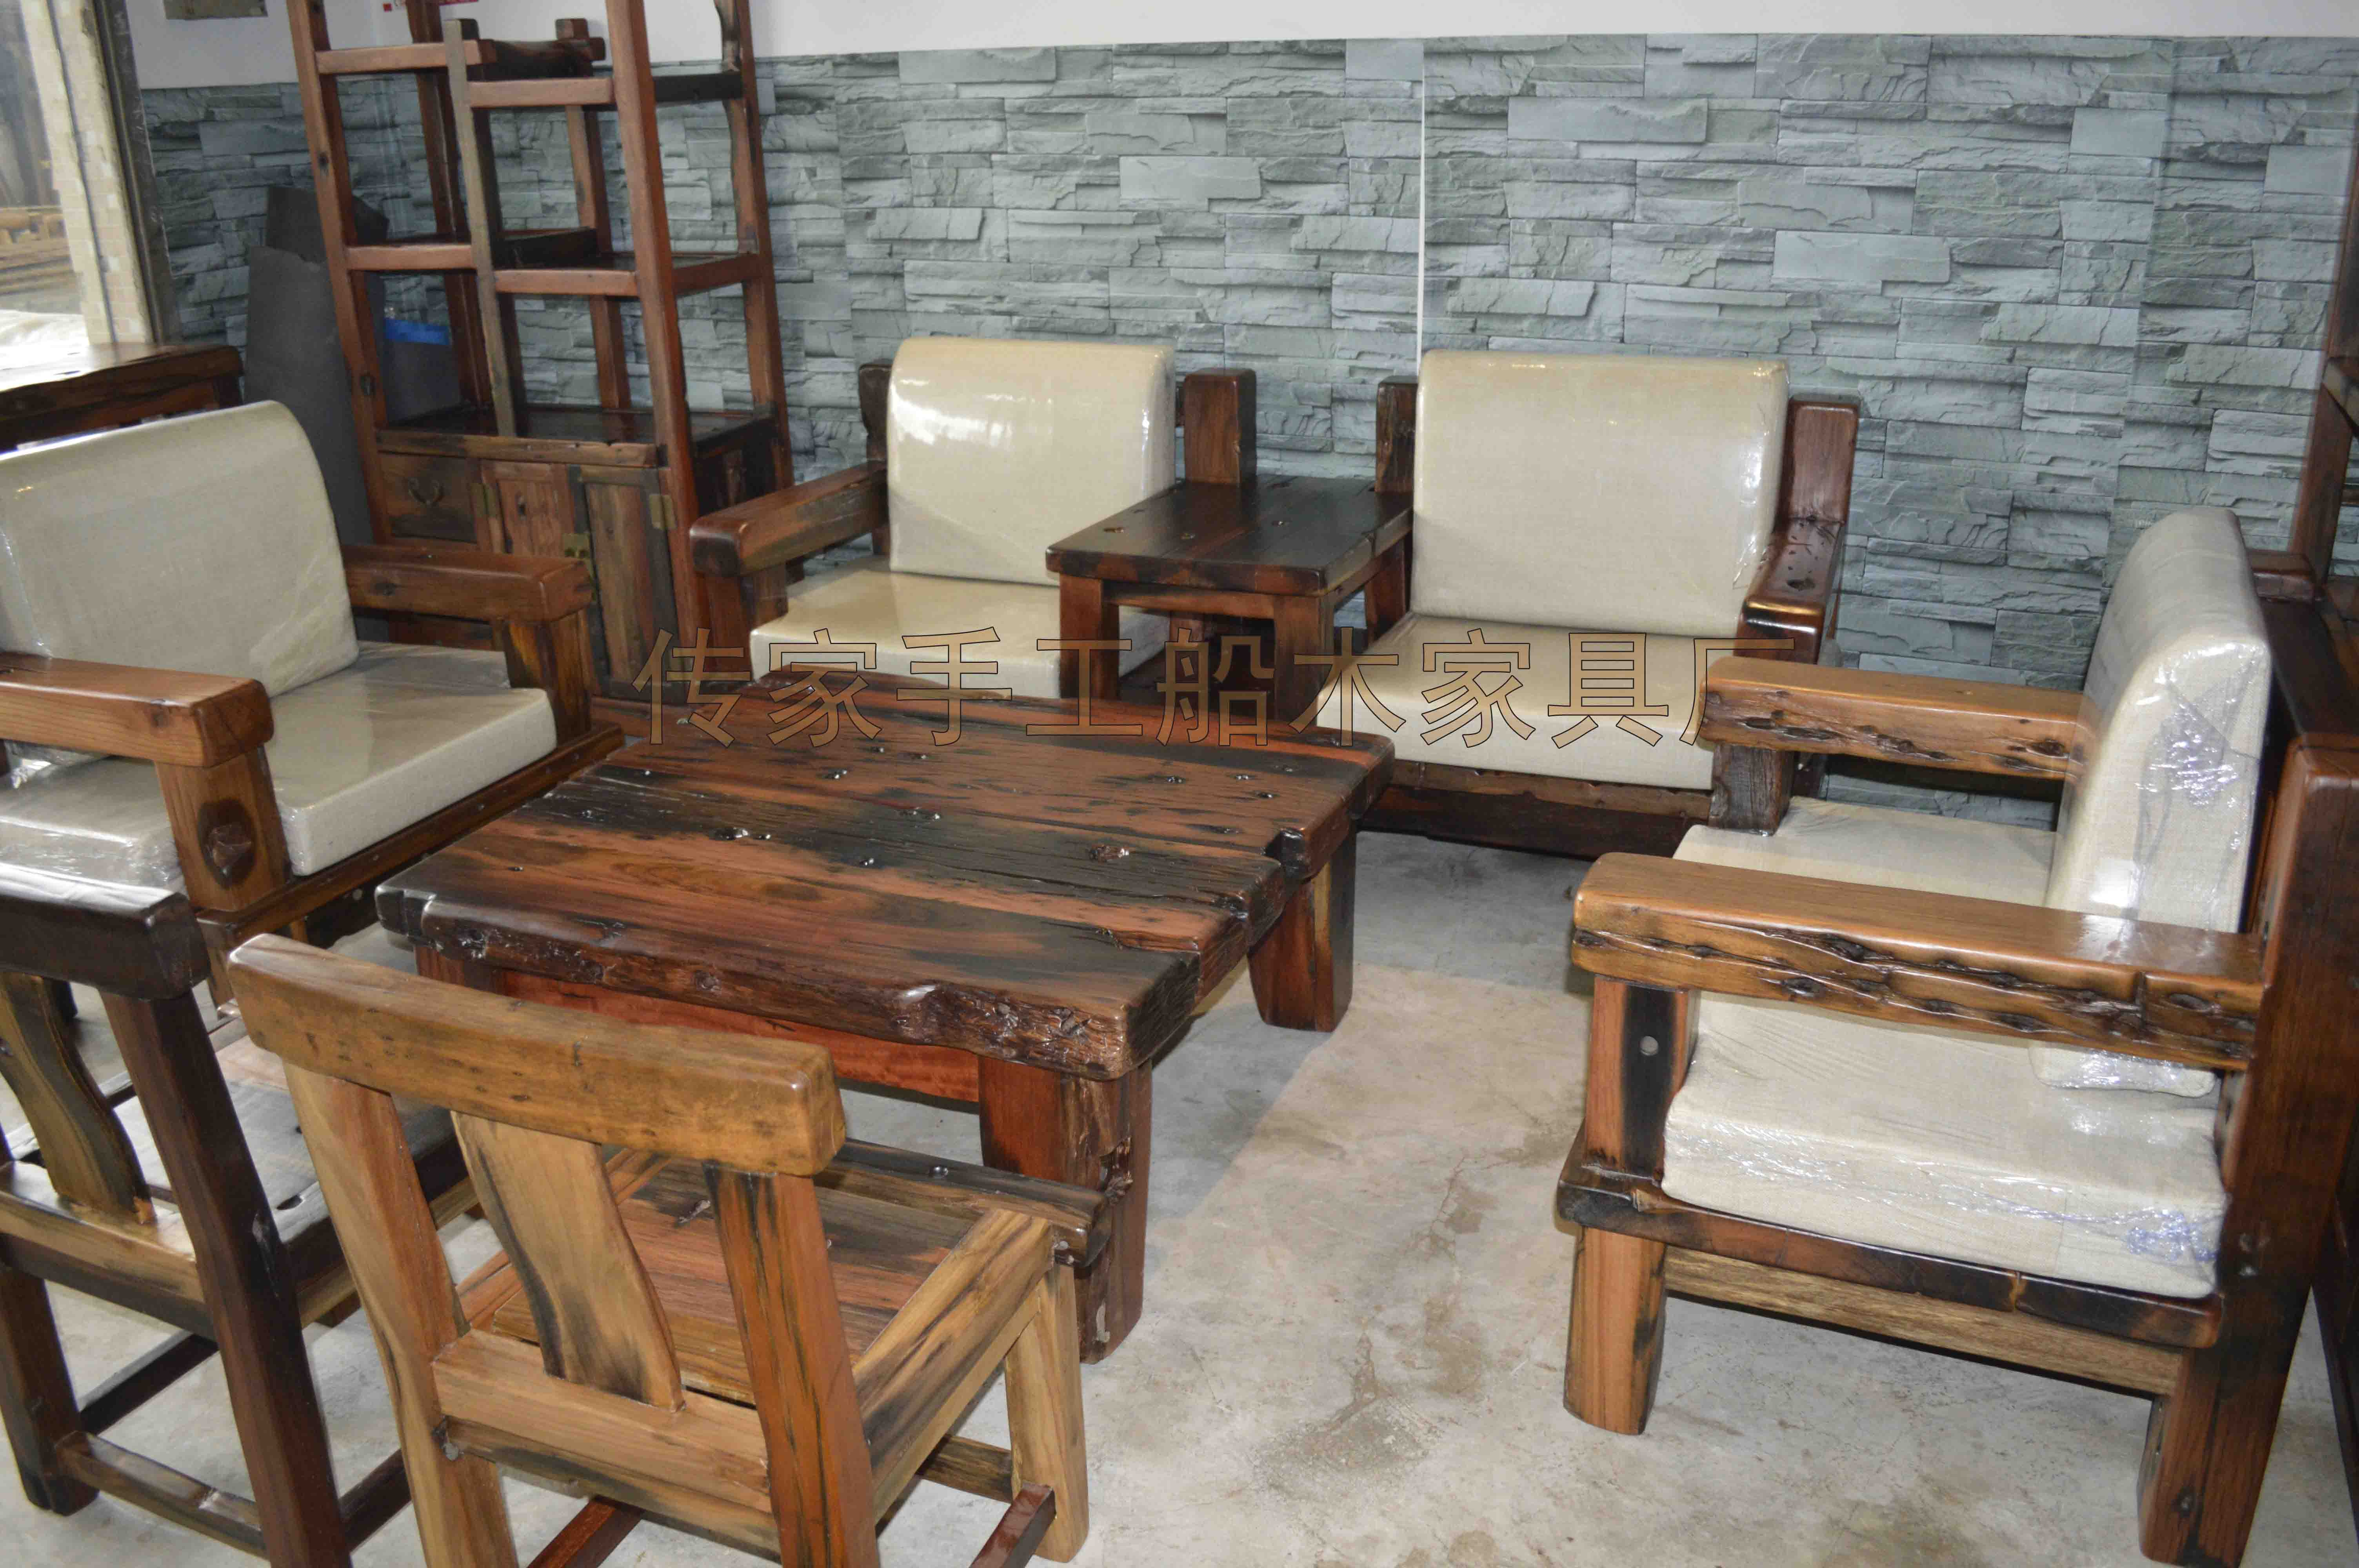 船木接待沙发 厚垫沙发套 船木家俱